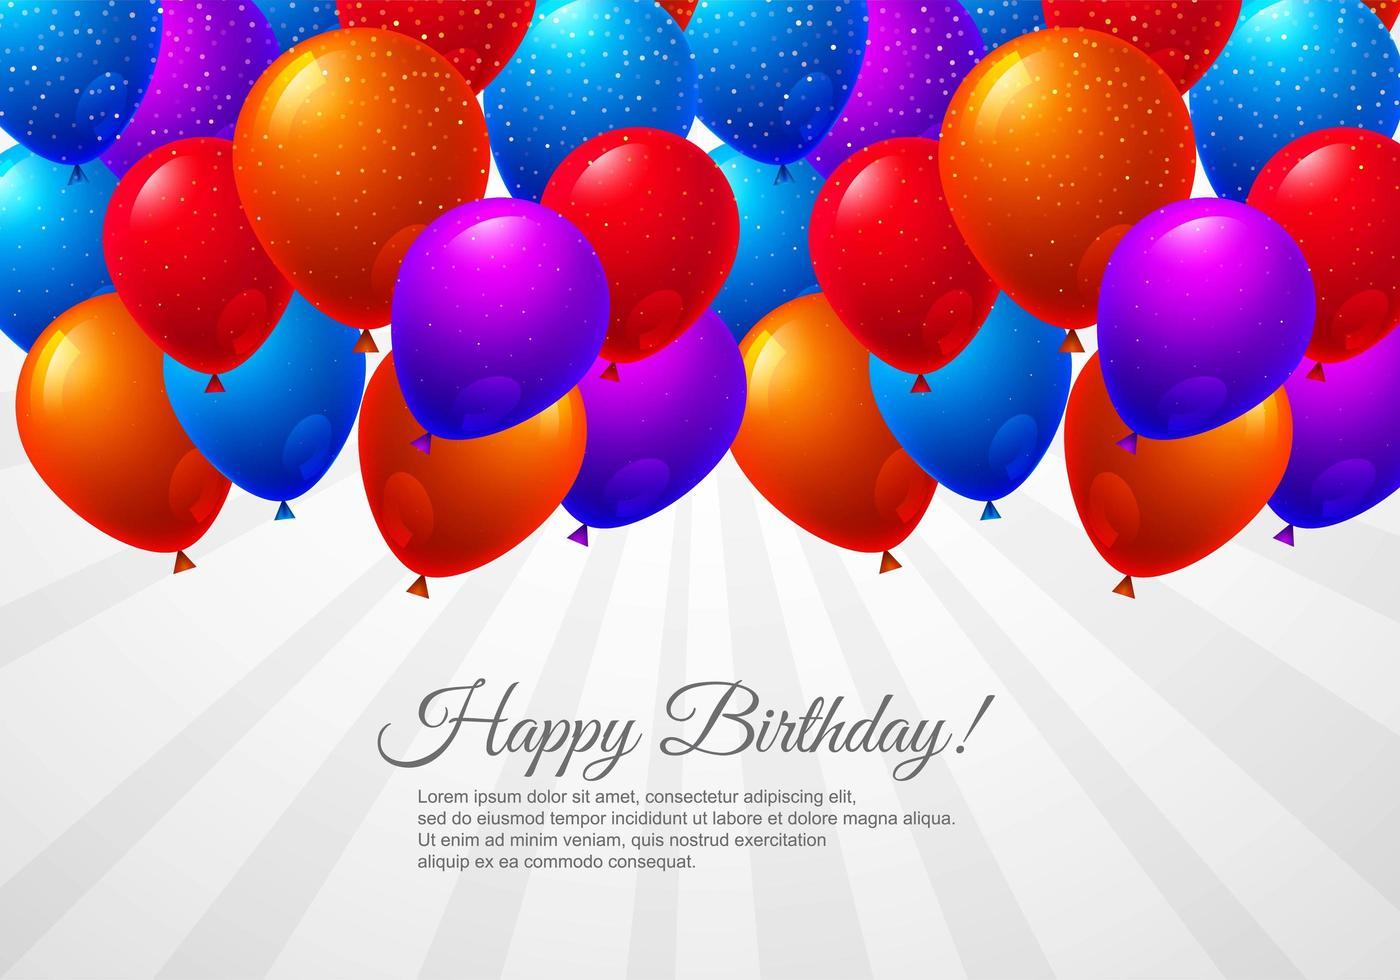 Geburtstagsballons auf Sunburst-Feierhintergrund vektor